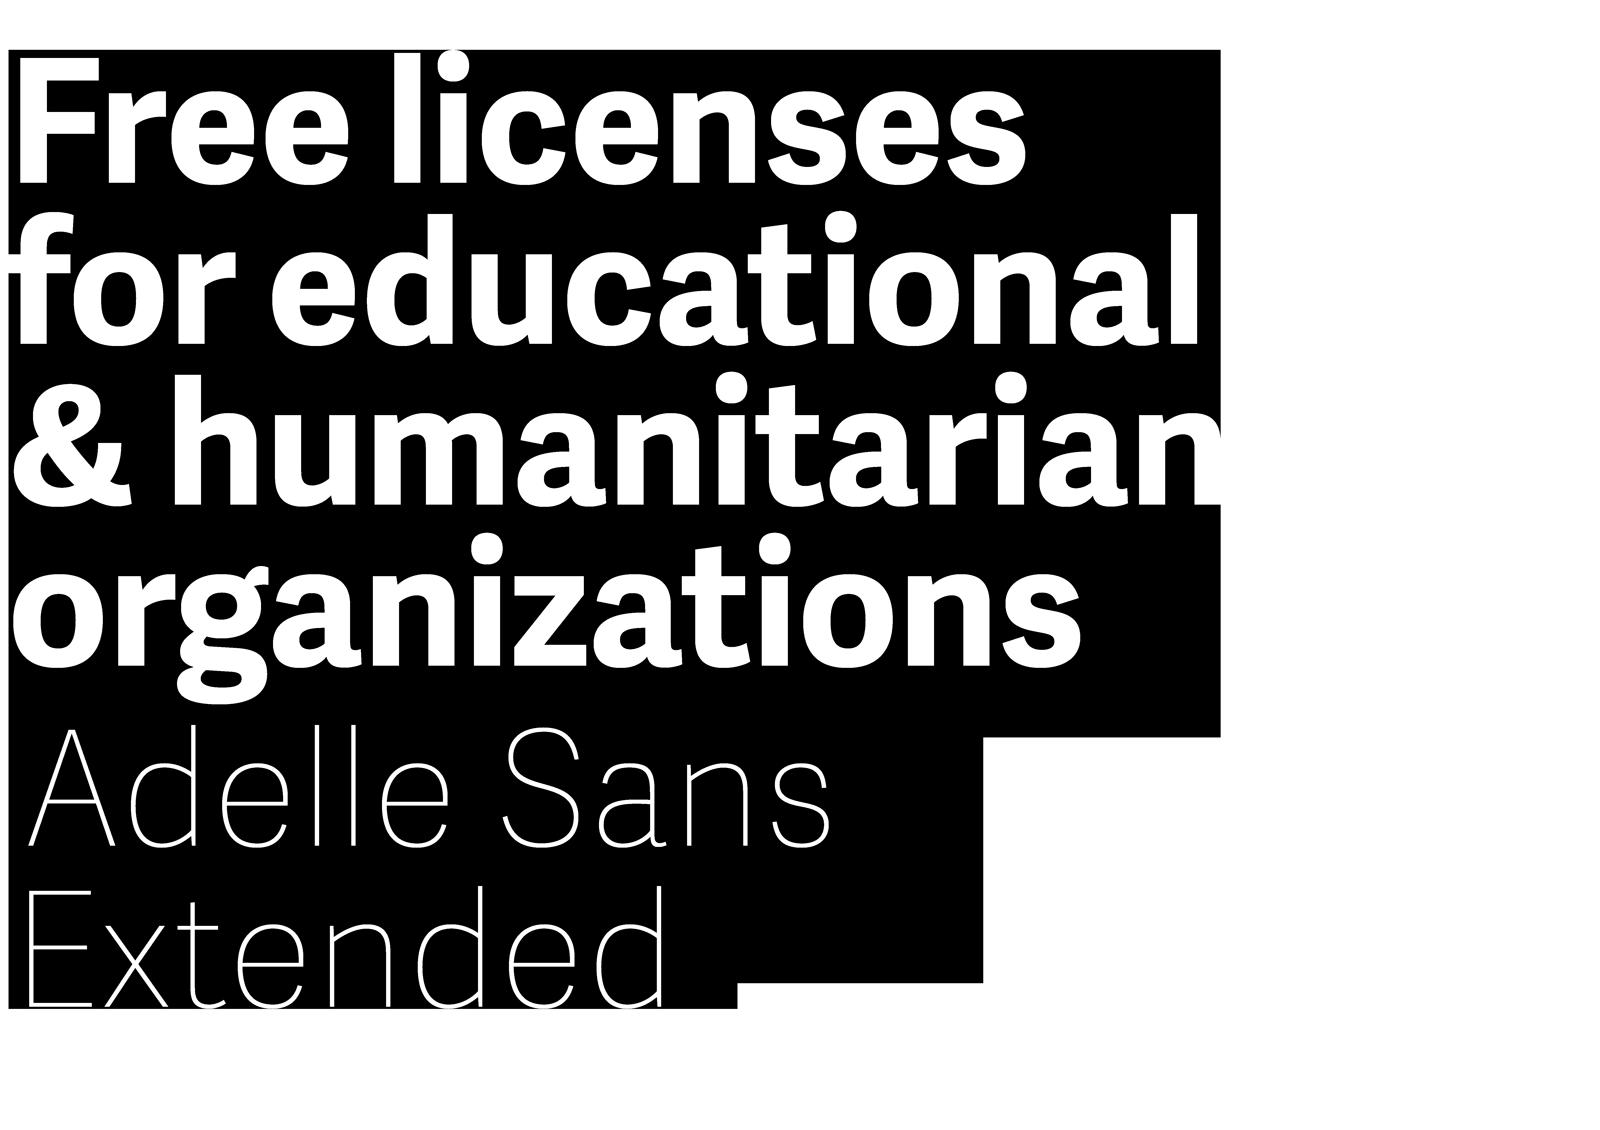 Adelle Sans Extended free licenses for Ngos